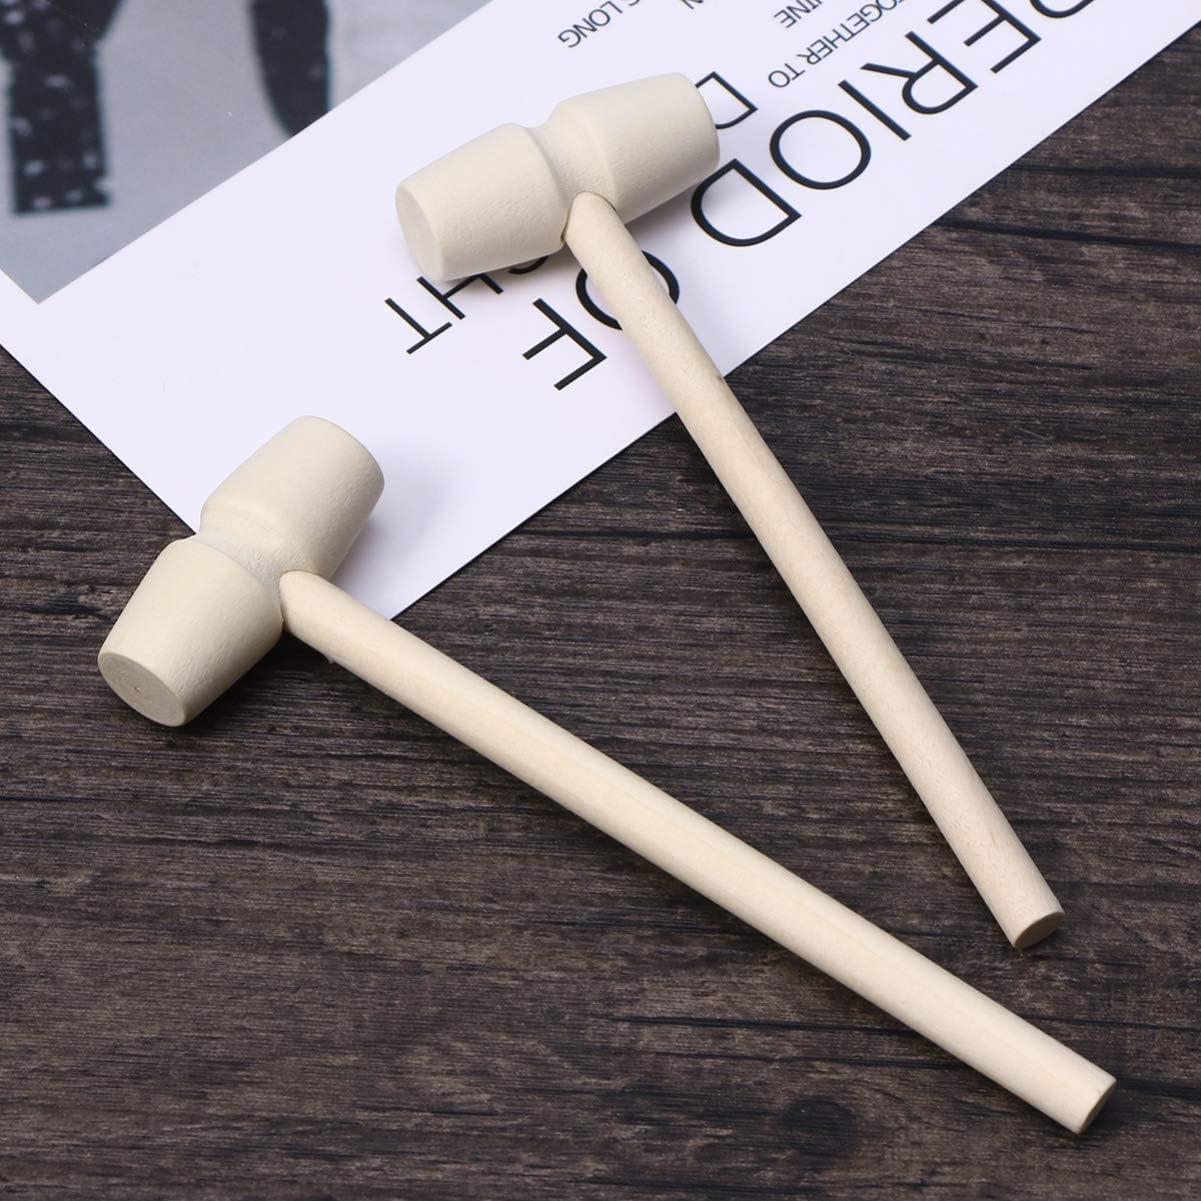 Jouets crabes en bois pour gar/çons et filles TOYANDONA Lot de 10 mini marteaux en bois martel/é